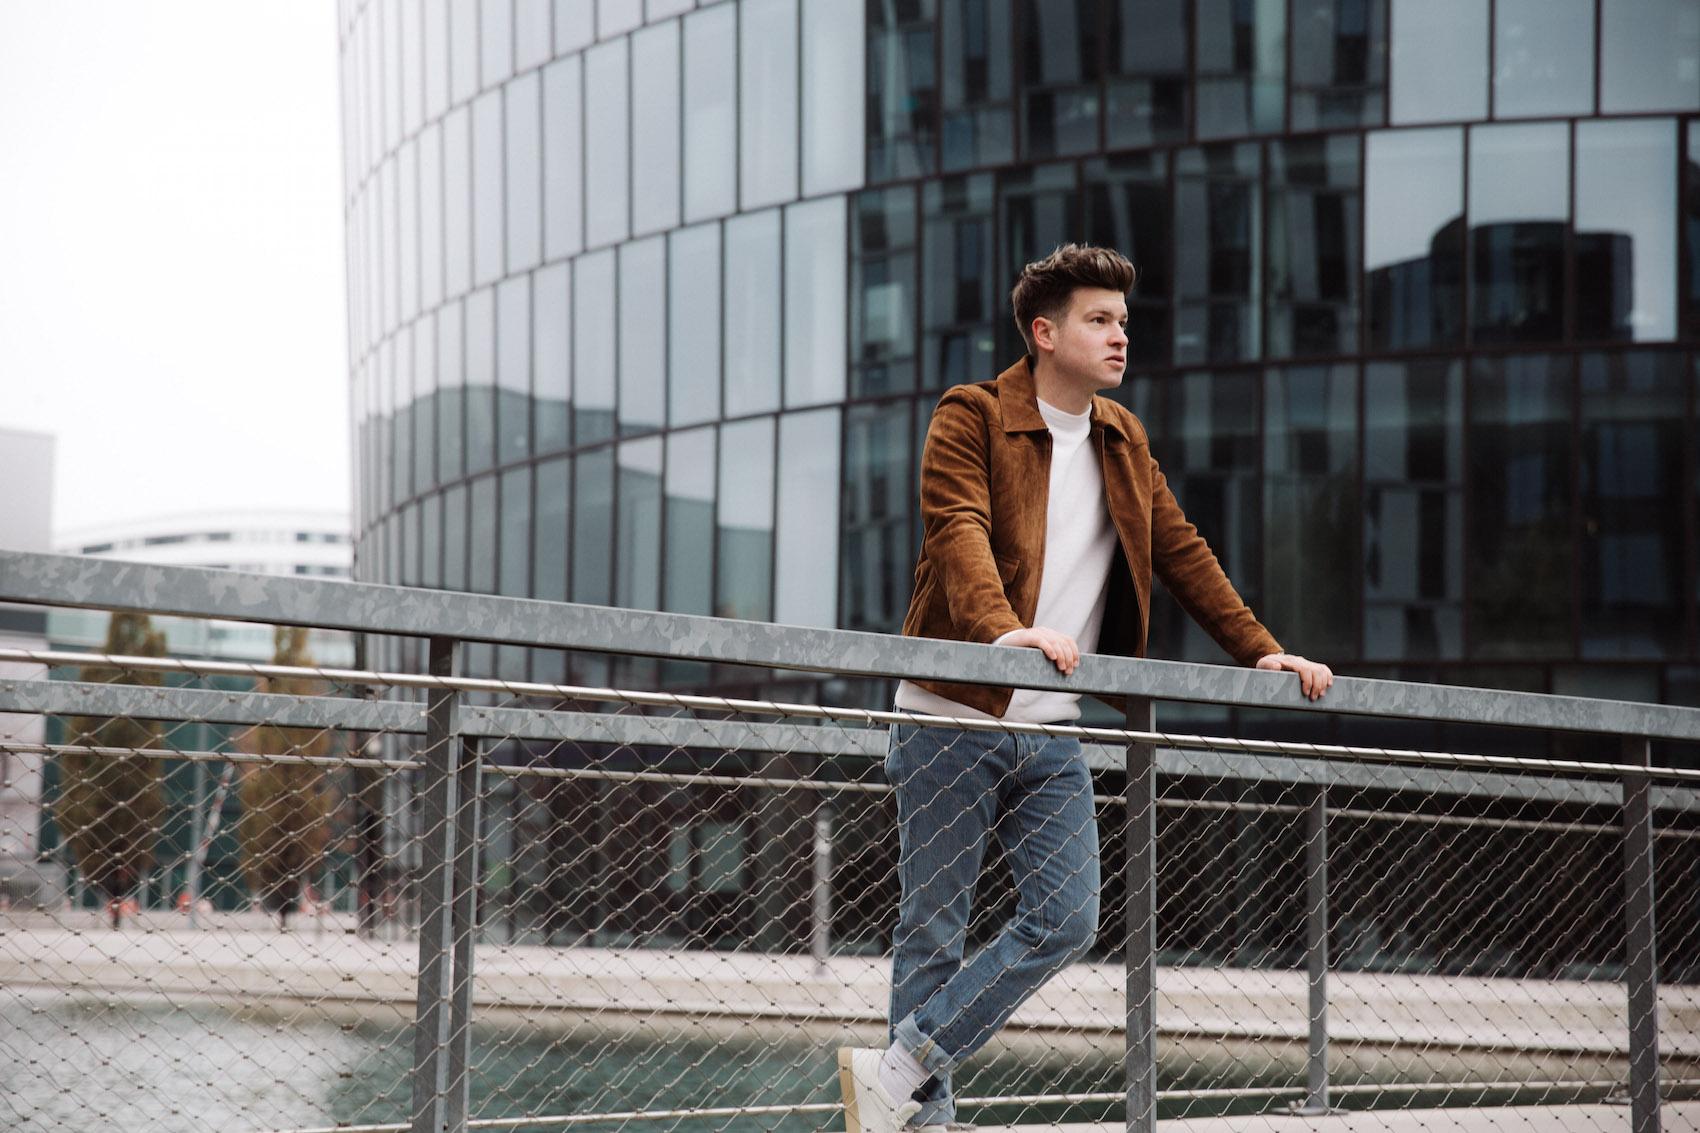 weekday Herbstoutfit Wildlederjacke 90er Jahre Jeans und Stickpulli Outfitpost von Meanwhile in Awesometown - Wiener Männermode und Lifestyle Blogger9